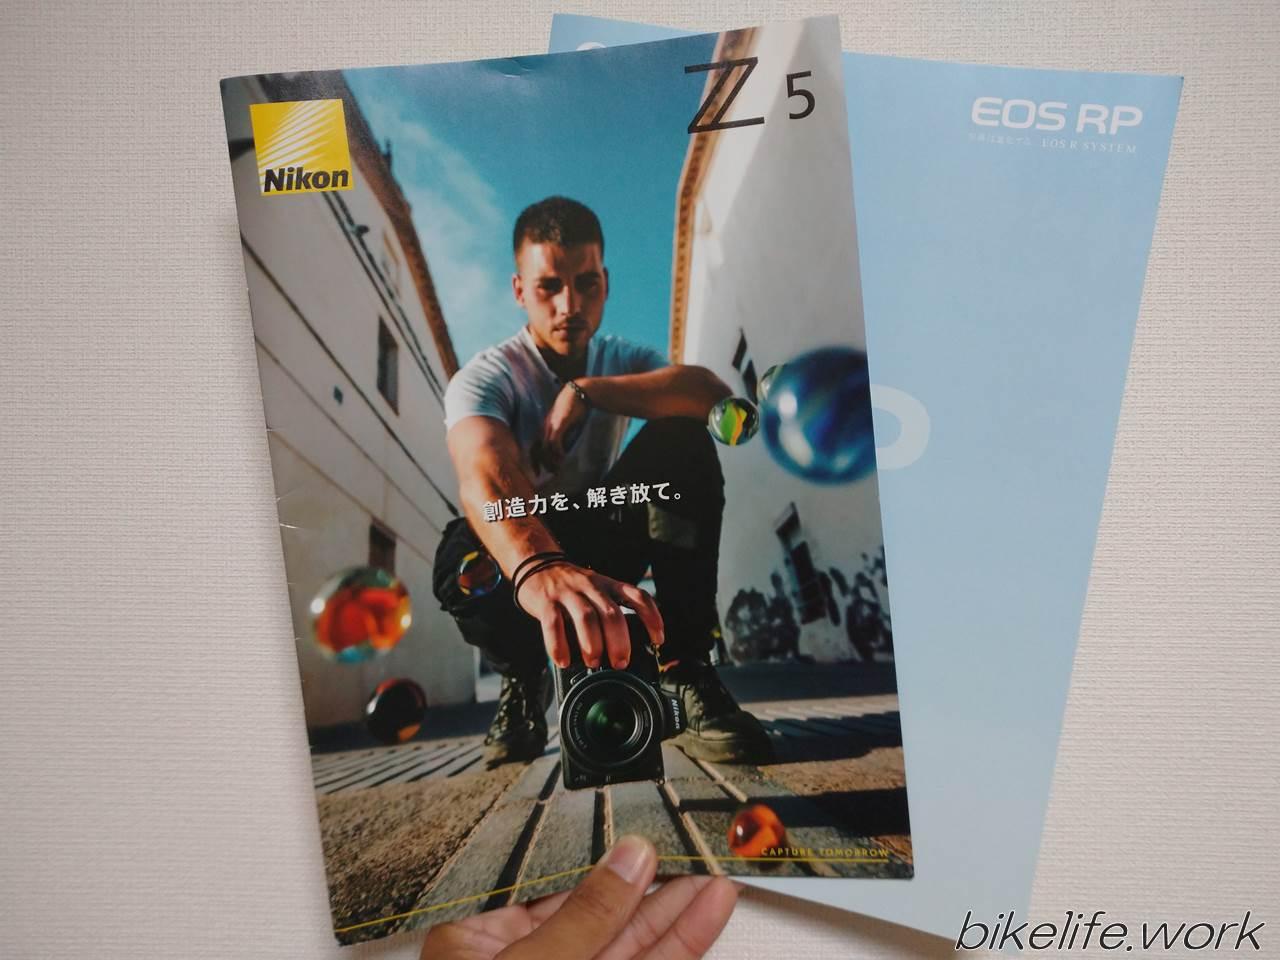 NikonとCanonのミラーレスのカタログ